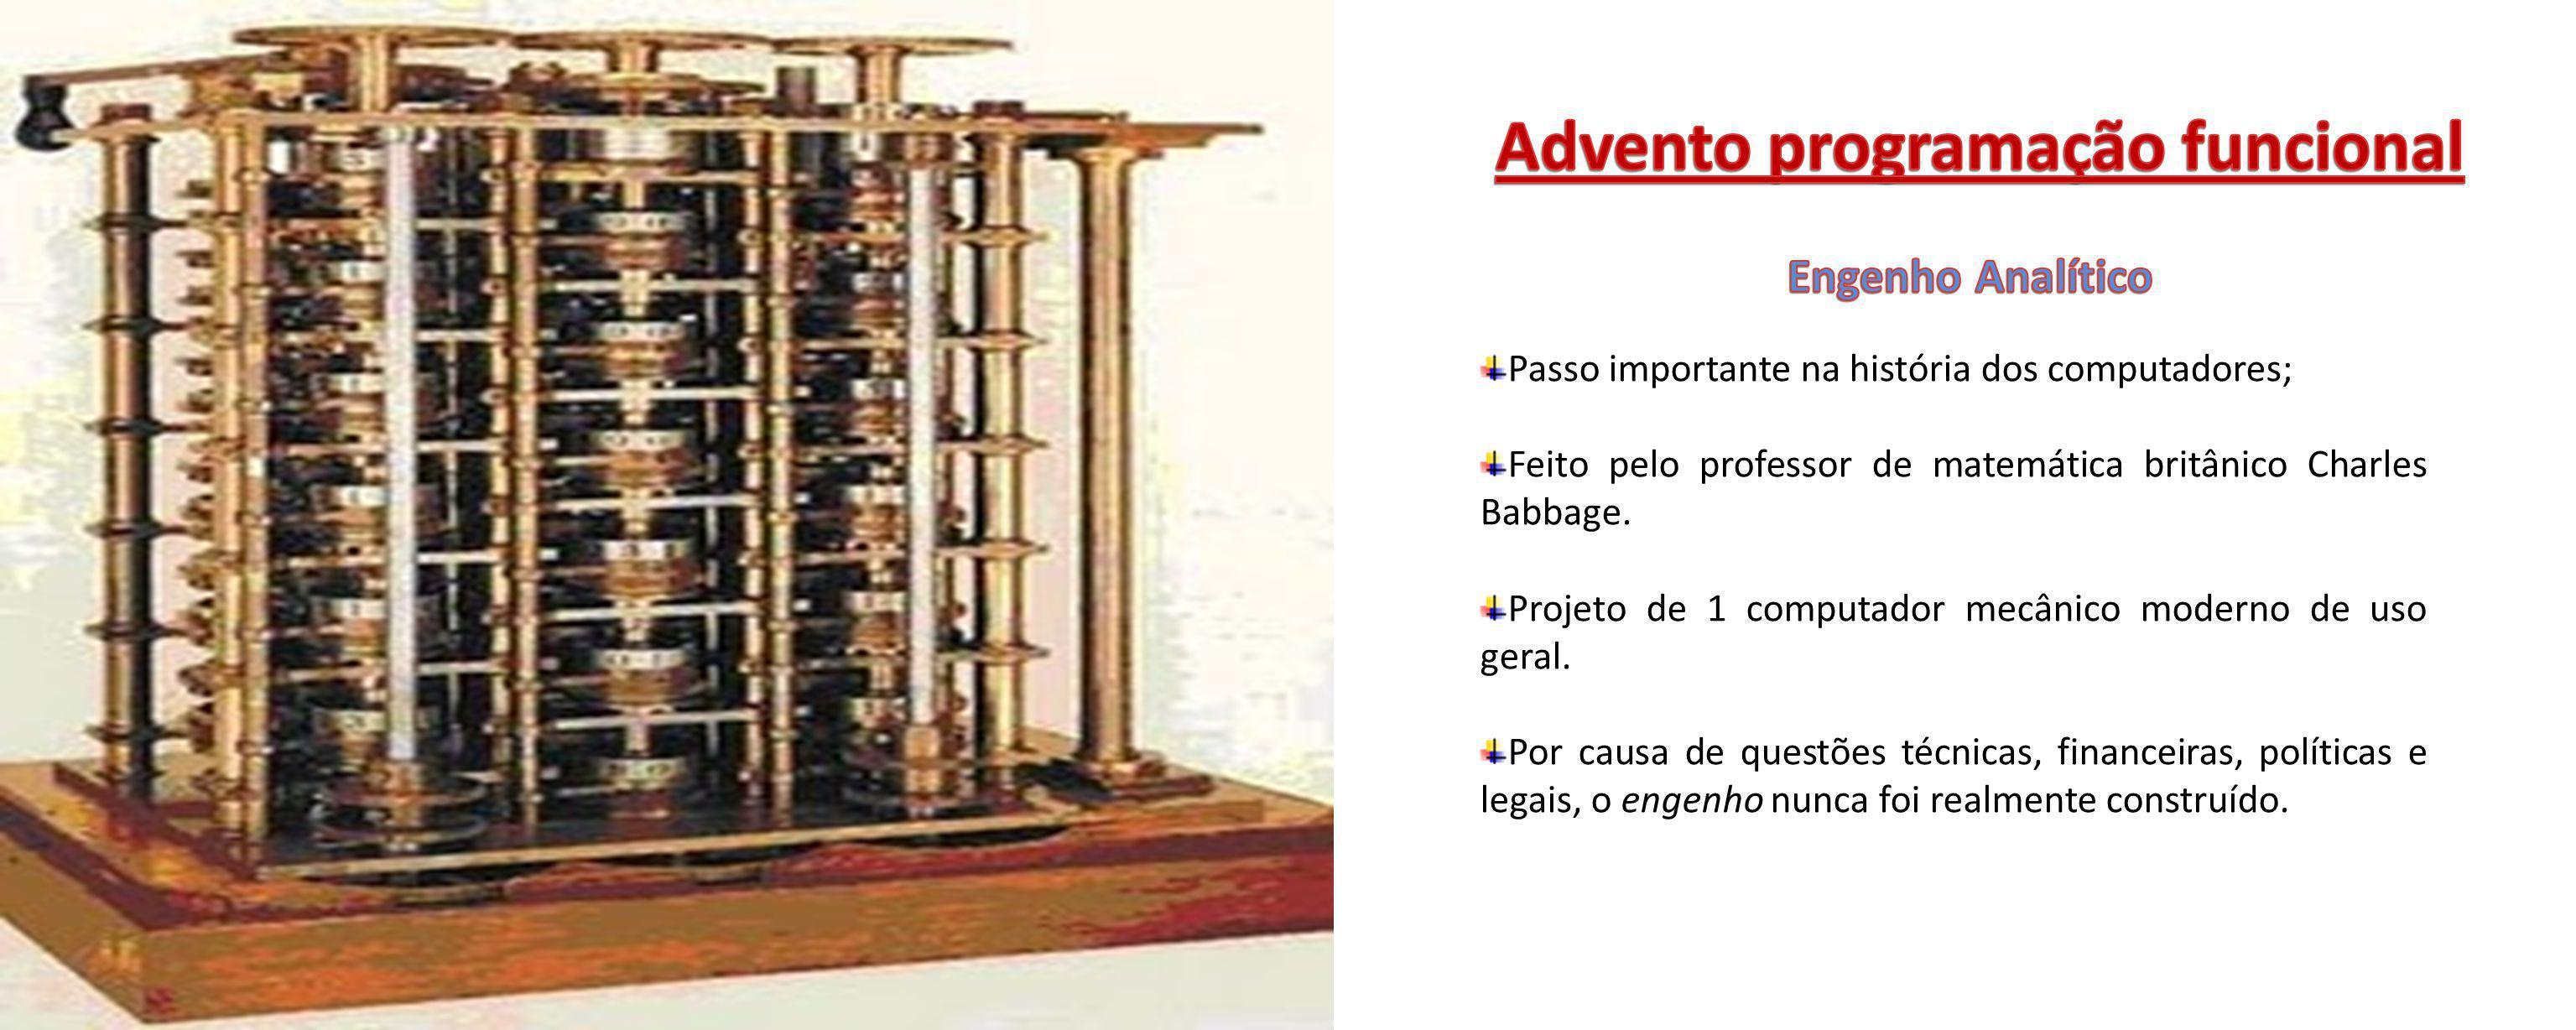 Passo importante na história dos computadores; Feito pelo professor de matemática britânico Charles Babbage. Projeto de 1 computador mecânico moderno